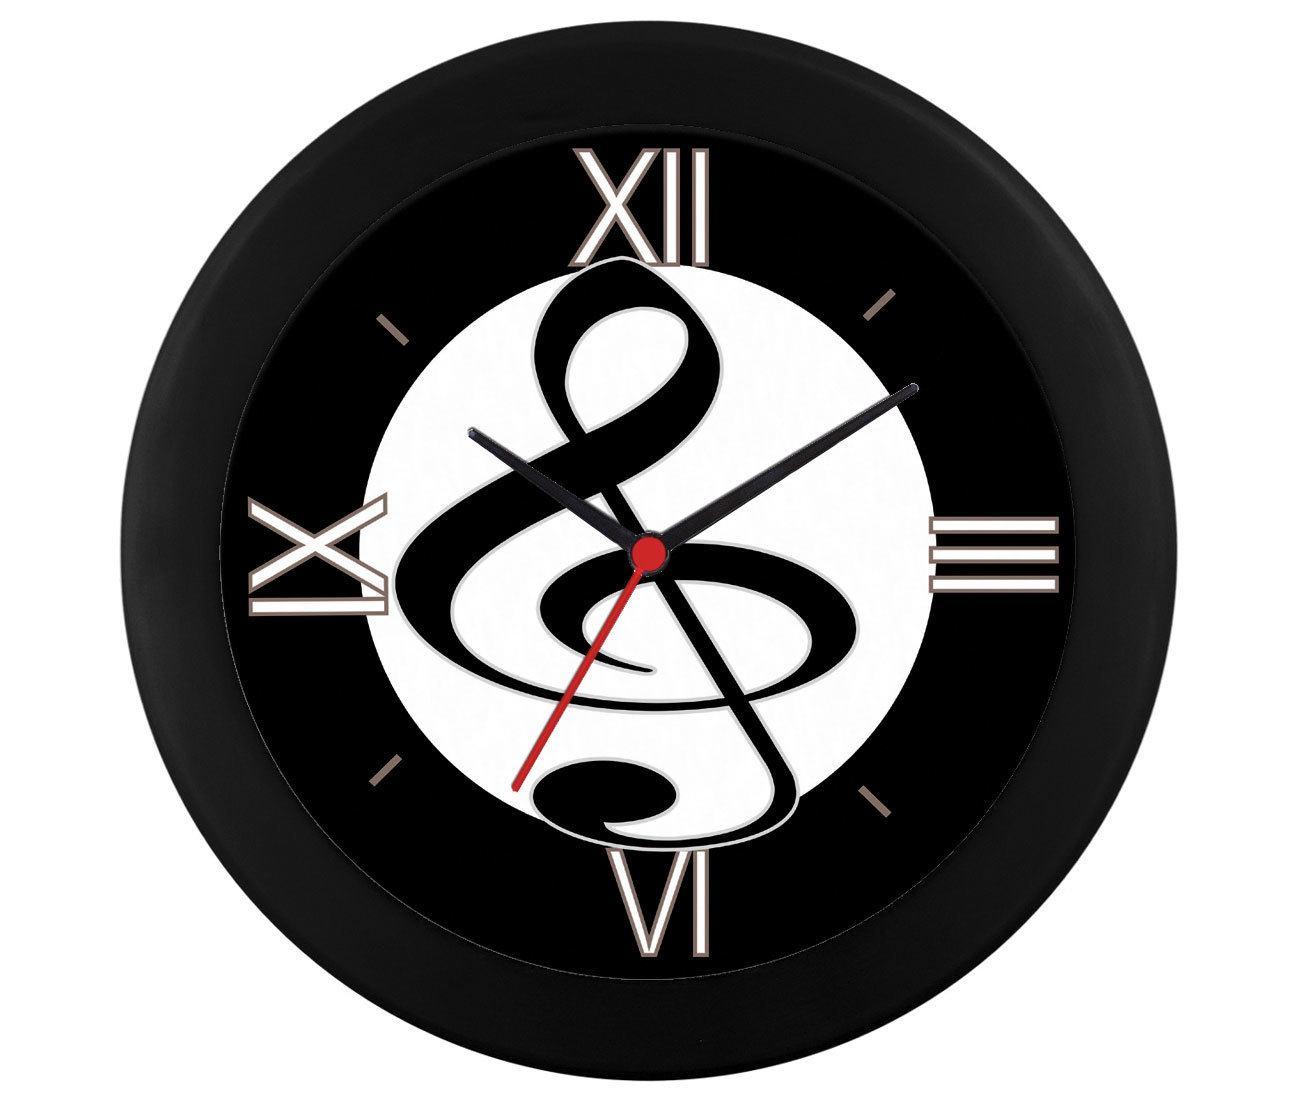 Relógio parede clave sol